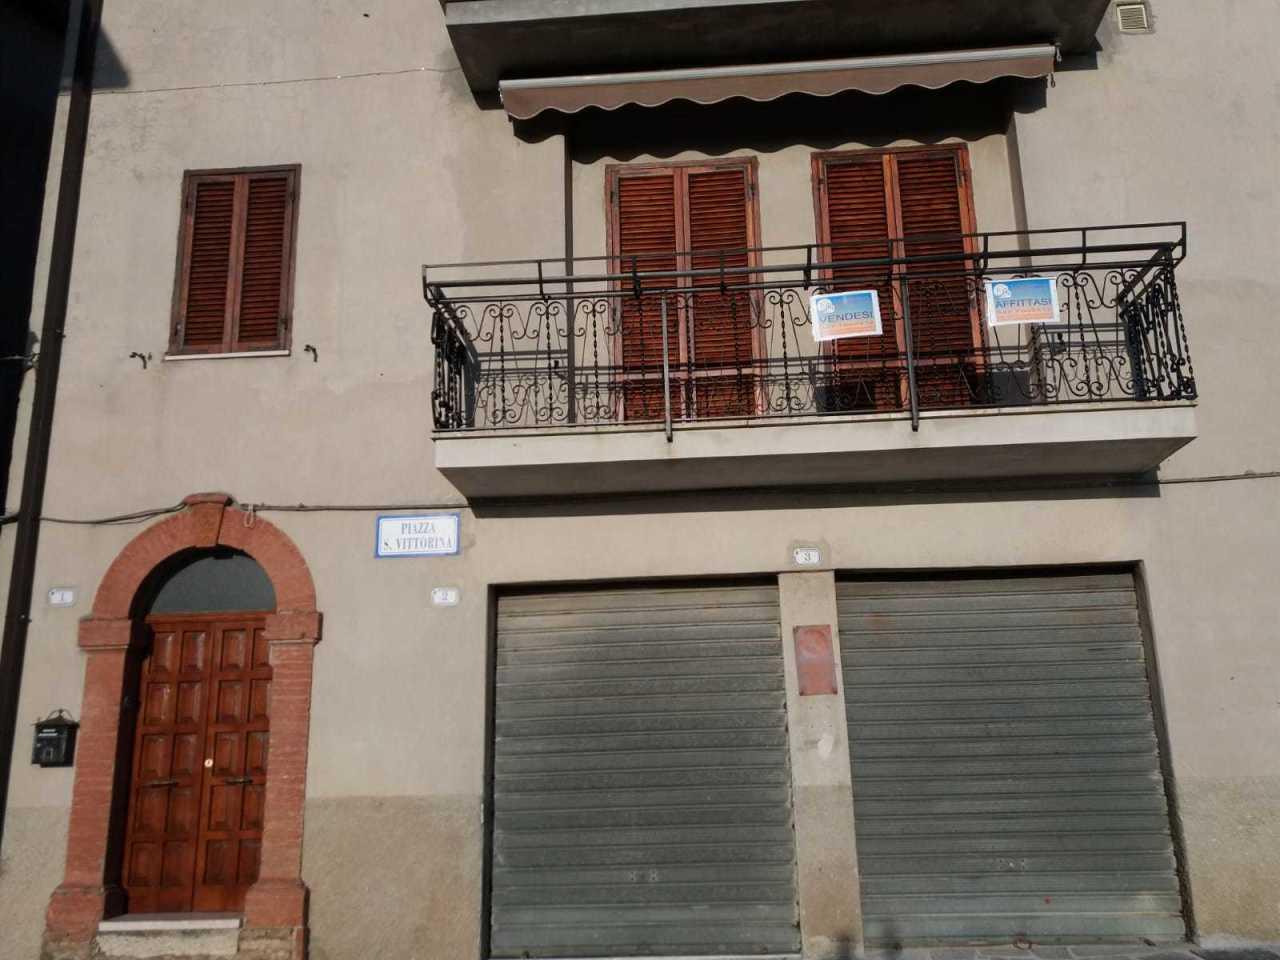 Appartamento in affitto a Avigliano Umbro, 5 locali, prezzo € 300   PortaleAgenzieImmobiliari.it